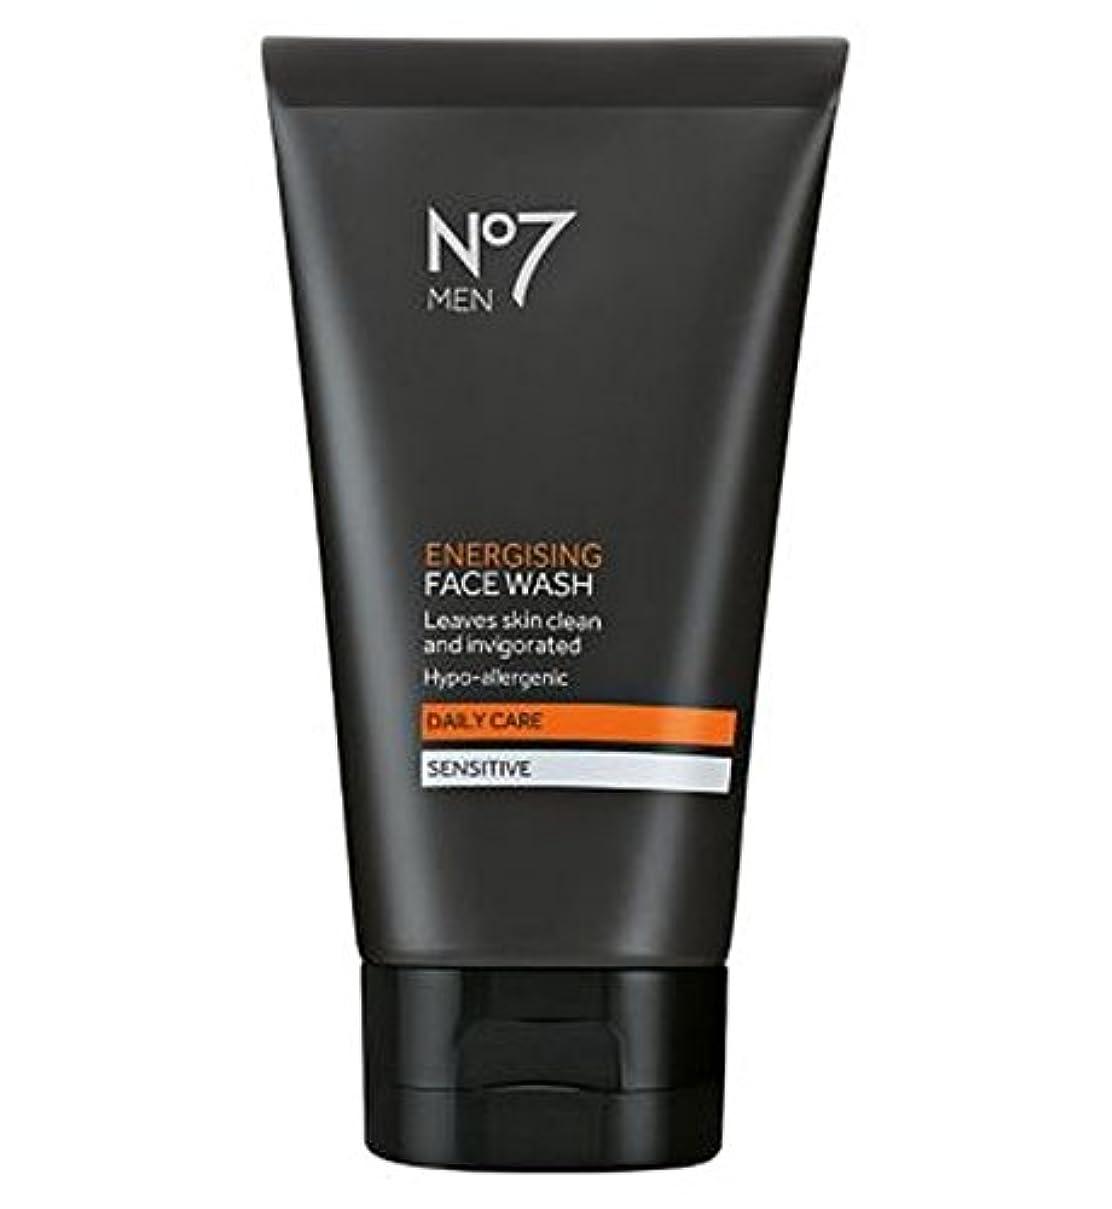 保存する重要な役割を果たす、中心的な手段となる極小No7 Men Energising Face Wash 150ml - 洗顔料の150ミリリットルを通電No7の男性 (No7) [並行輸入品]